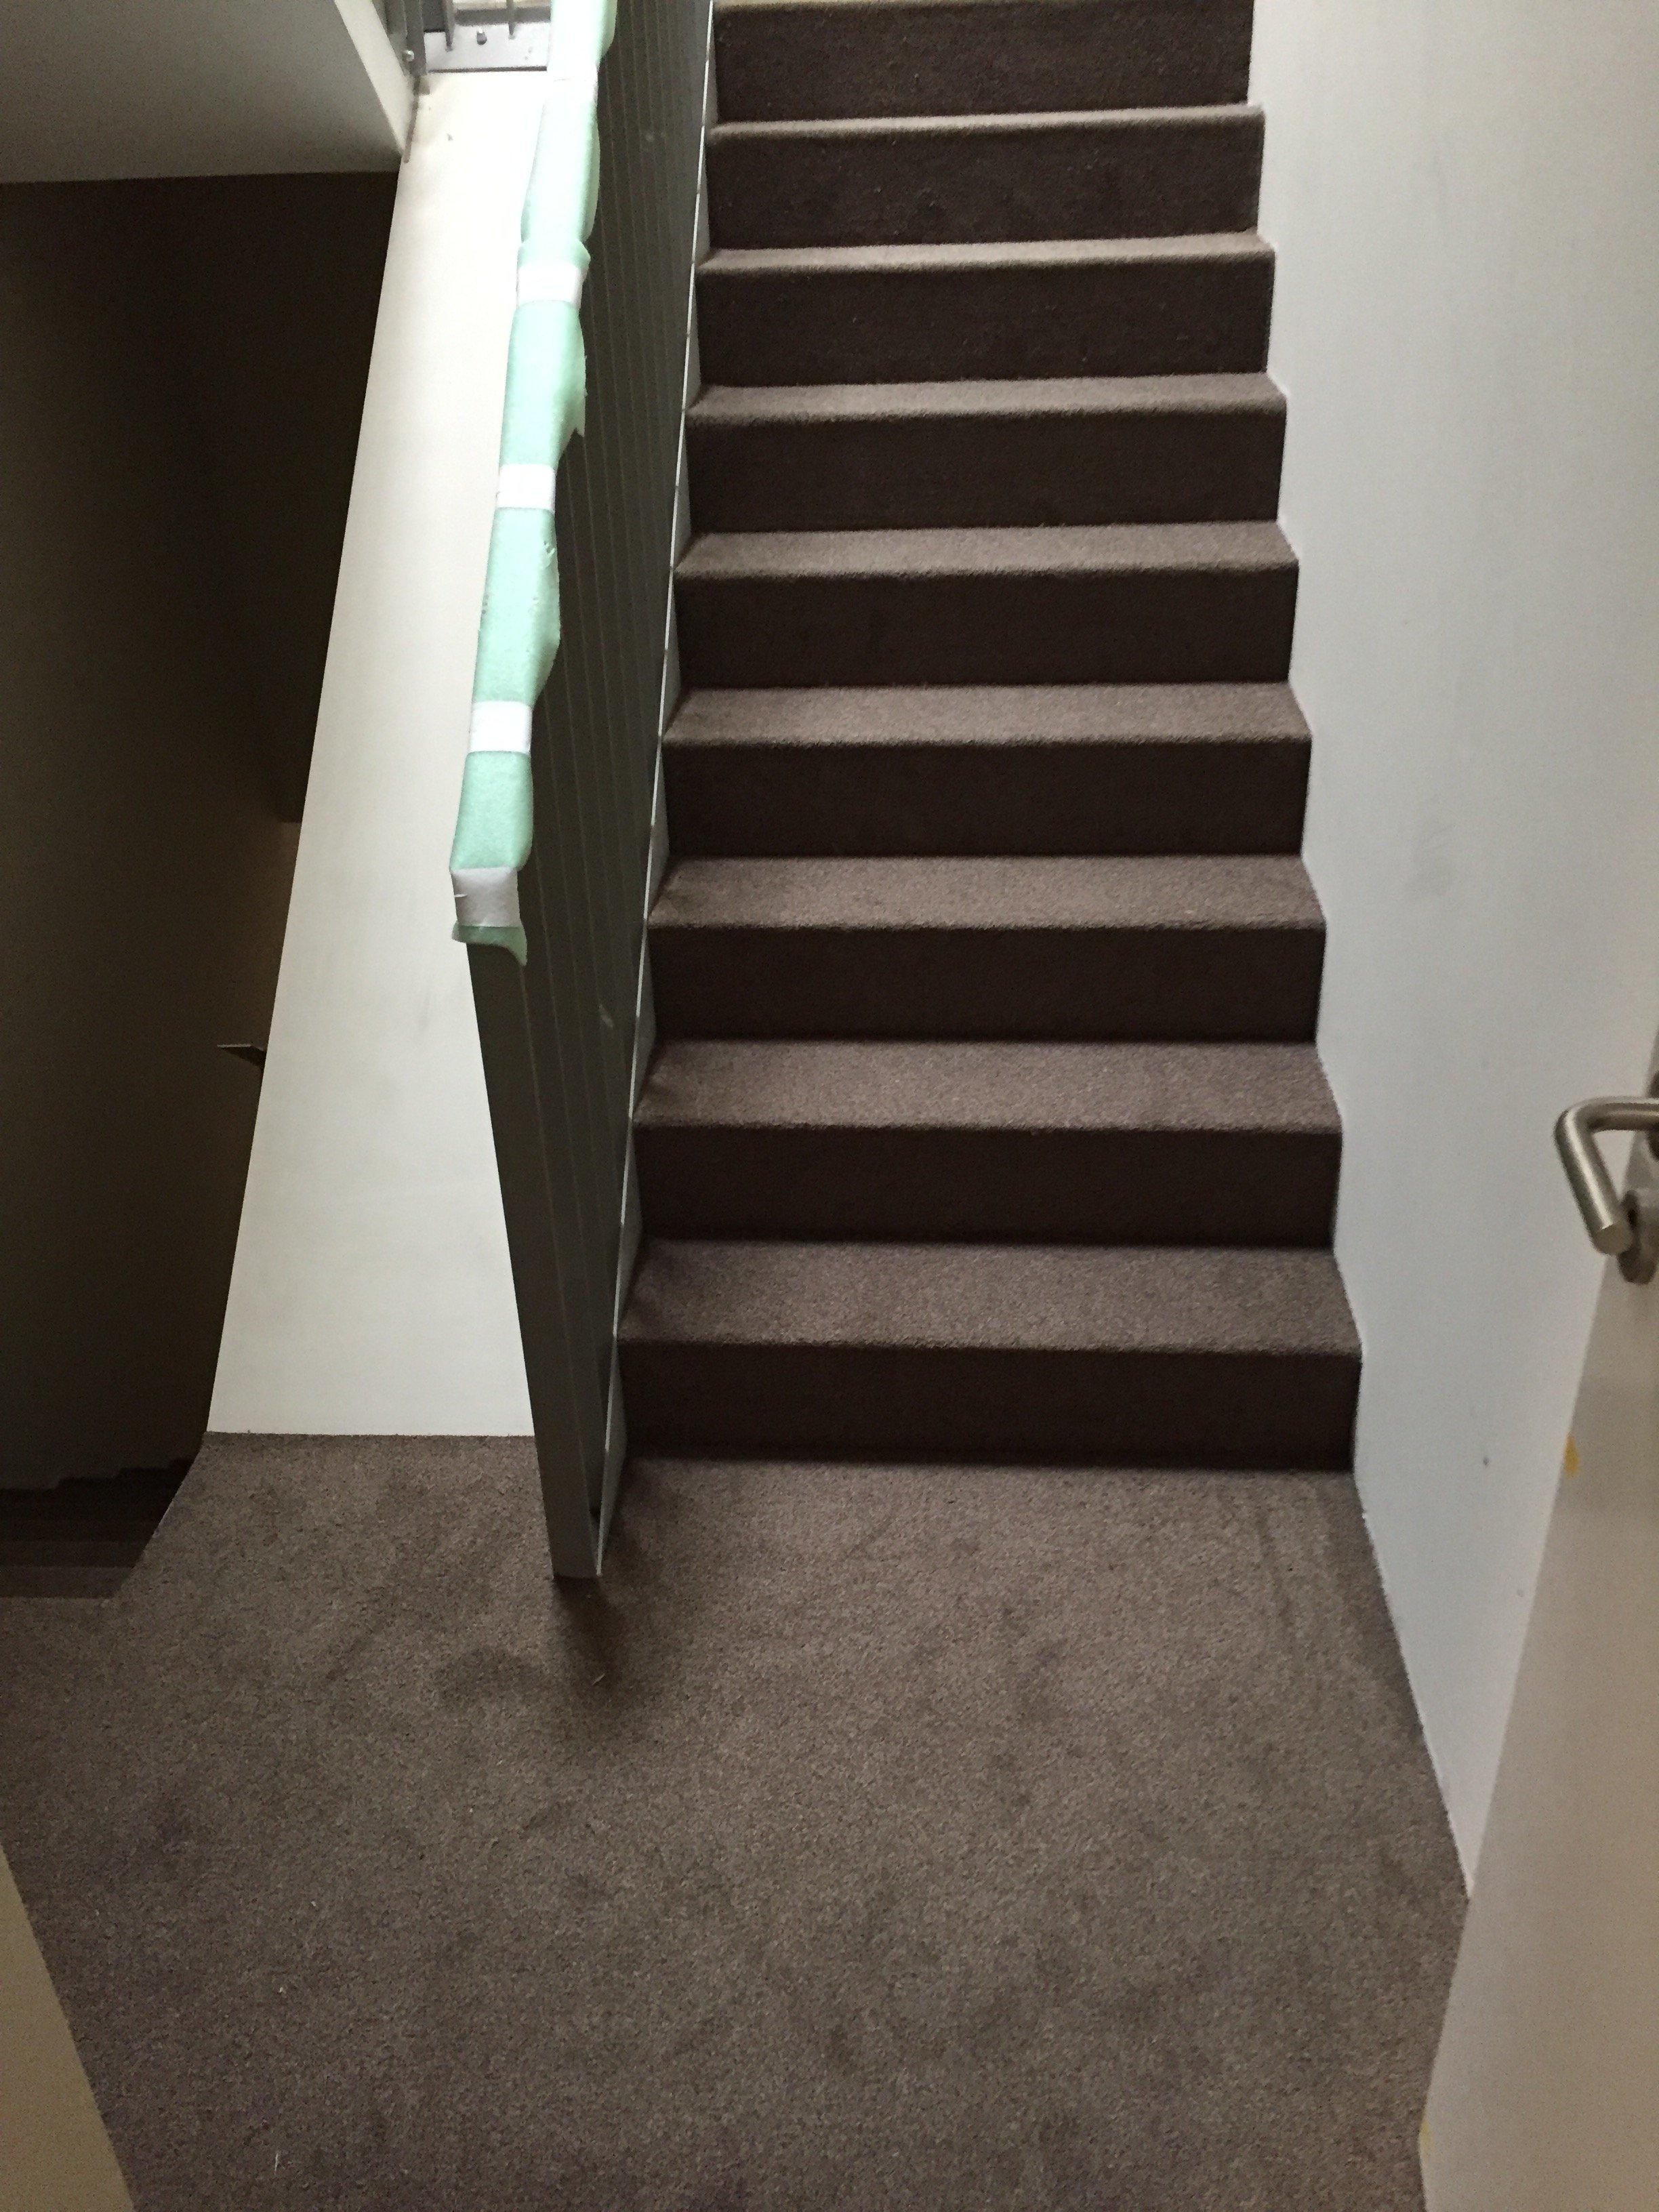 Pose escalier , pose d'une moquette à usage intensif dans commun immeuble à étage | Moquette - revêtement de sol Walter Tiegel